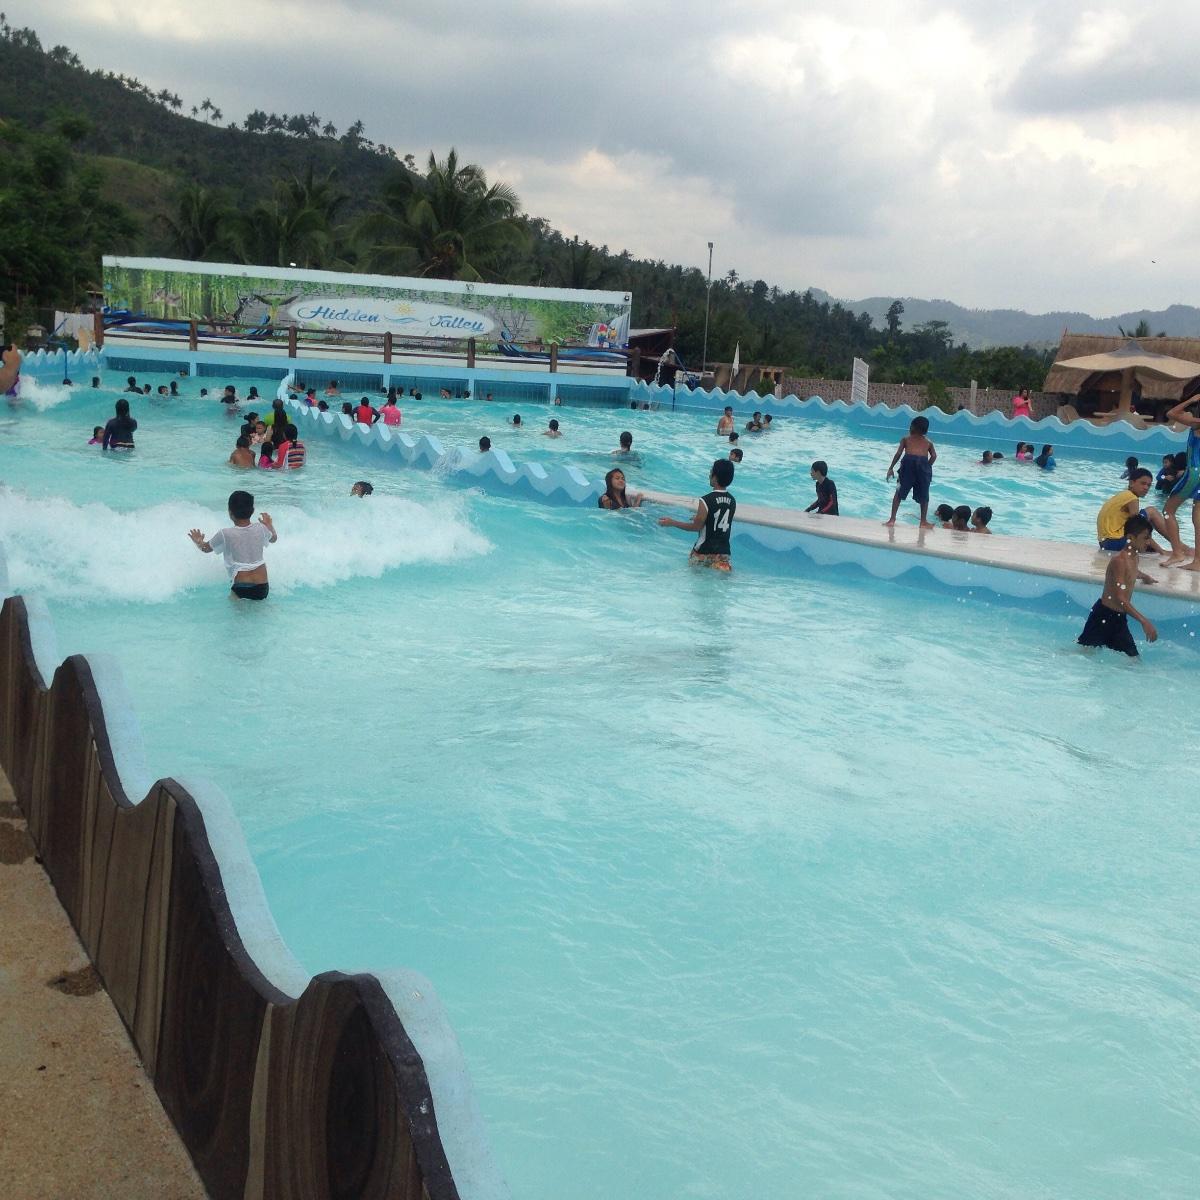 セブで波のプールが体験できる「Hidden Valley Wave pool resort」